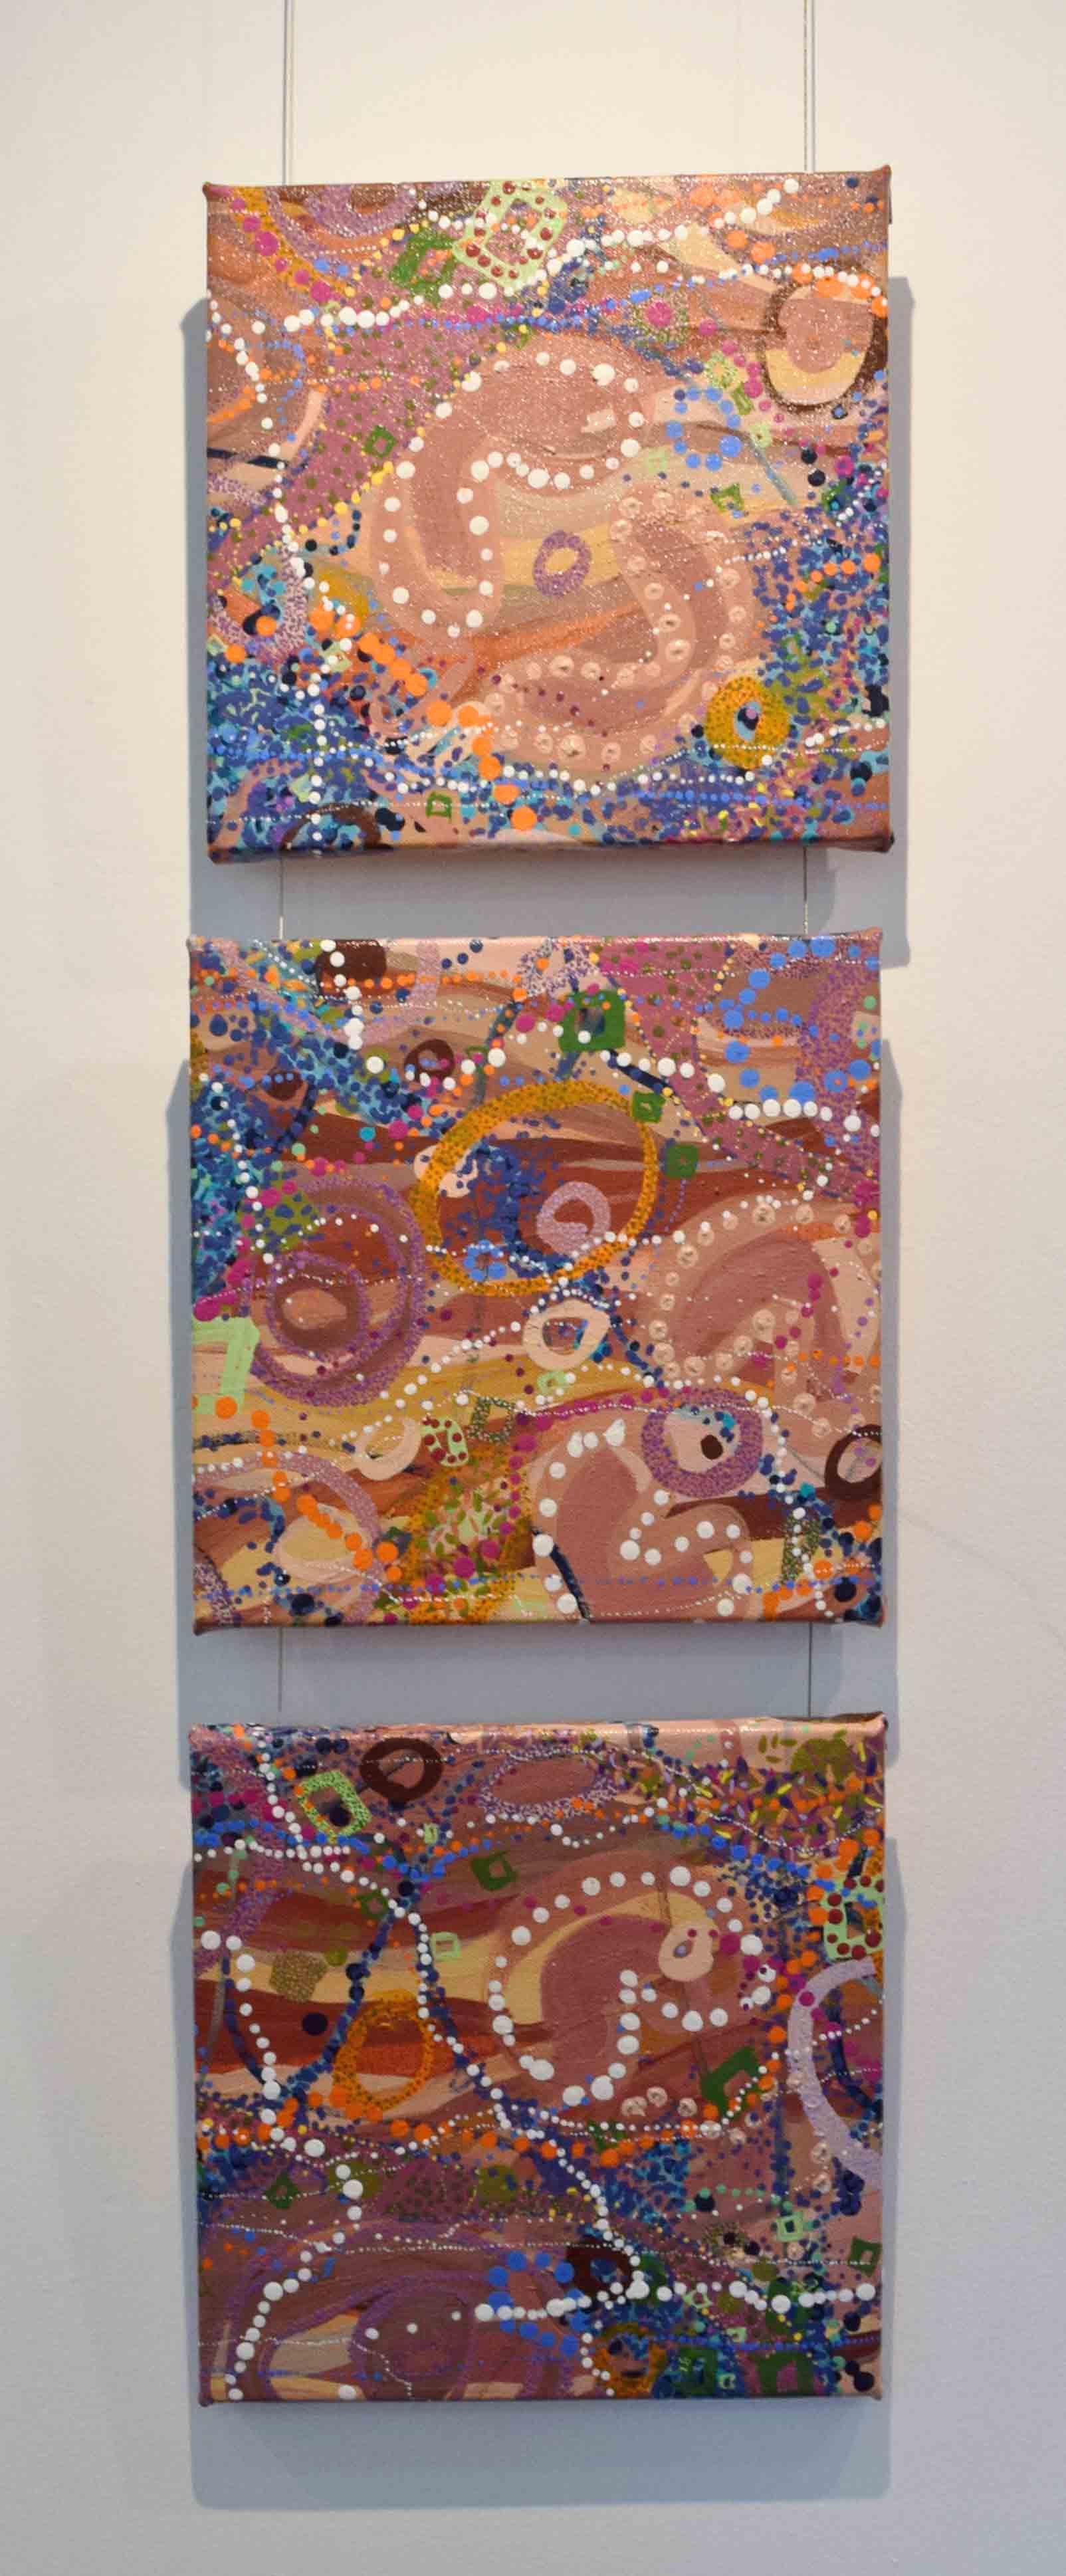 22-24. Deborah Bonar-Mills,  Estuary 1, 2, 3 , acrylic, oil, ochre on canvas, 28 x 28 cm each $690 each